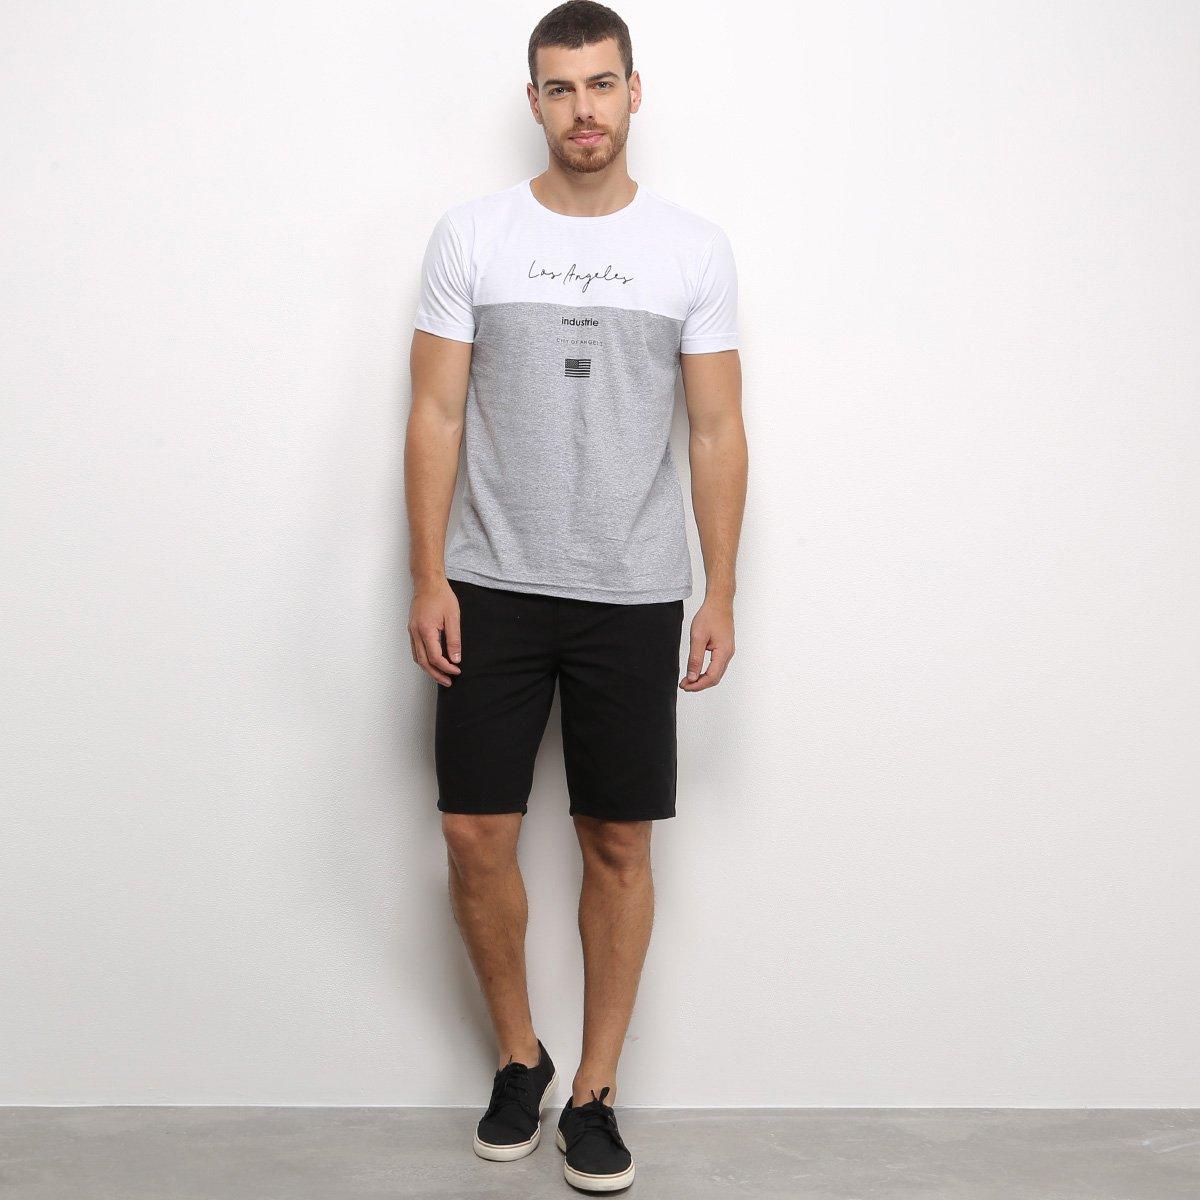 Camiseta Industrie Básica Especial Los Angeles Masculina - Branco